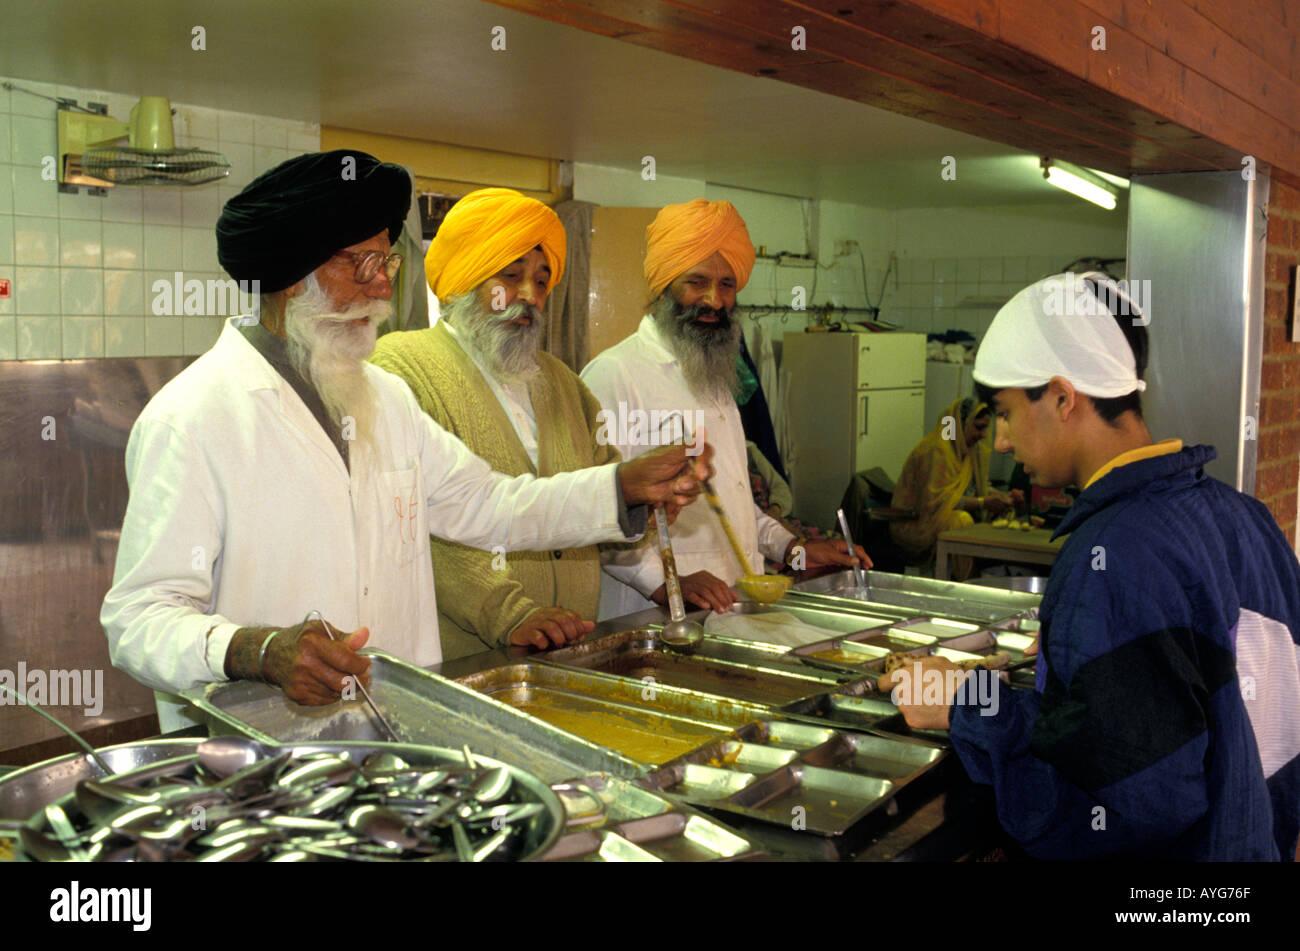 Sikh Kitchen In Punjabi Langar Within The Gurdwara